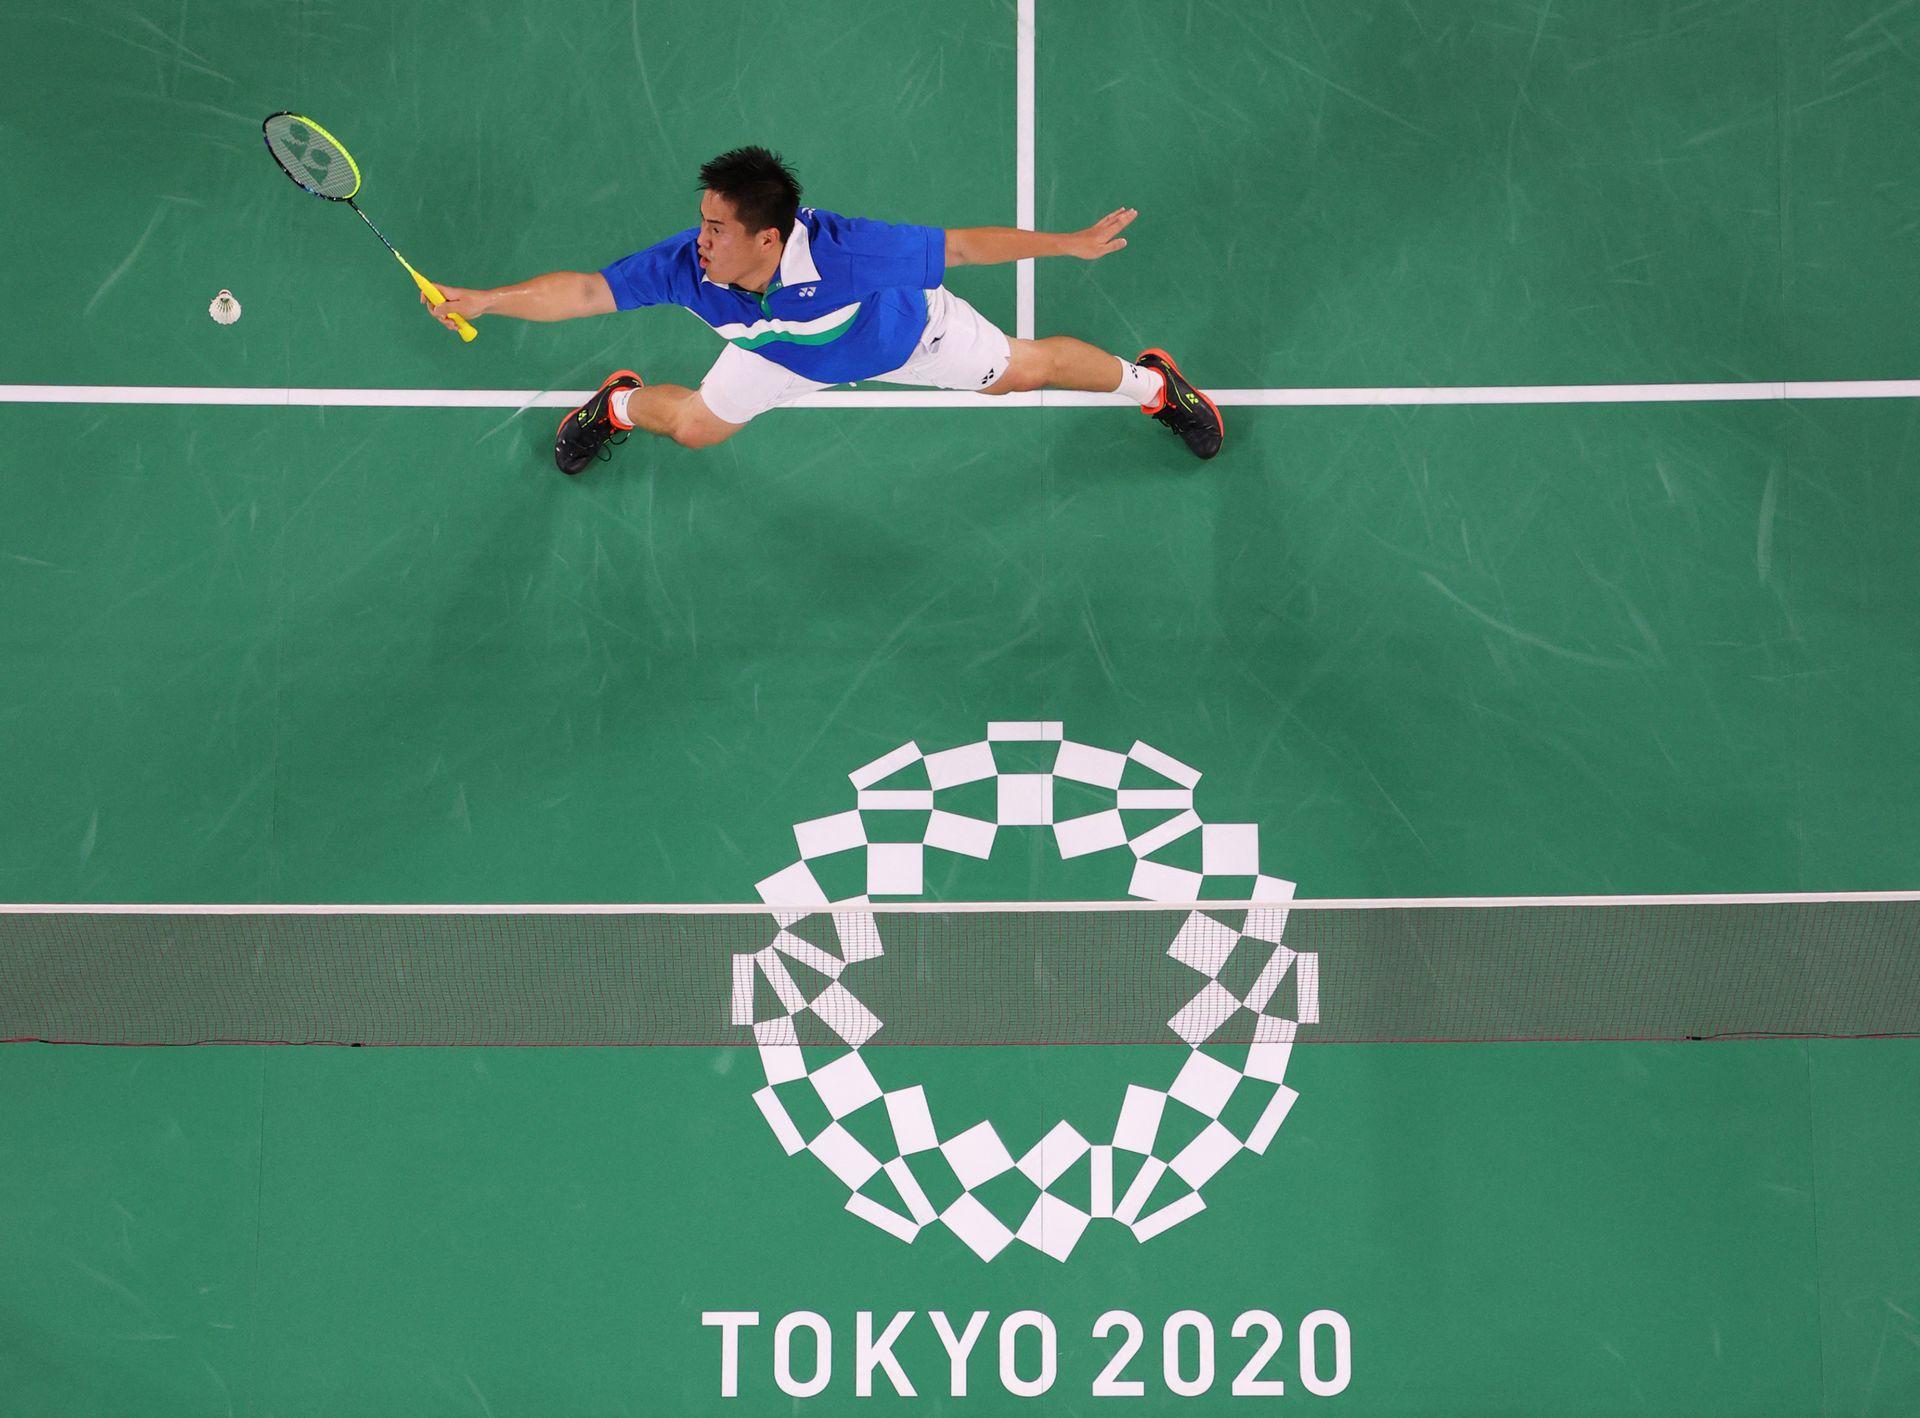 Phillip Chew de EE. UU. Realiza un disparo en el partido de la fase de grupos de bádminton de dobles masculinos con Ryan Chew de EE. UU. Contra Keigo Sonoda de Japón y Takeshi Kamura de Japón durante los Juegos Olímpicos de Tokio 2020 en el Musashino Forest Sports Plaza en Tokio el 26 de julio de 2021.